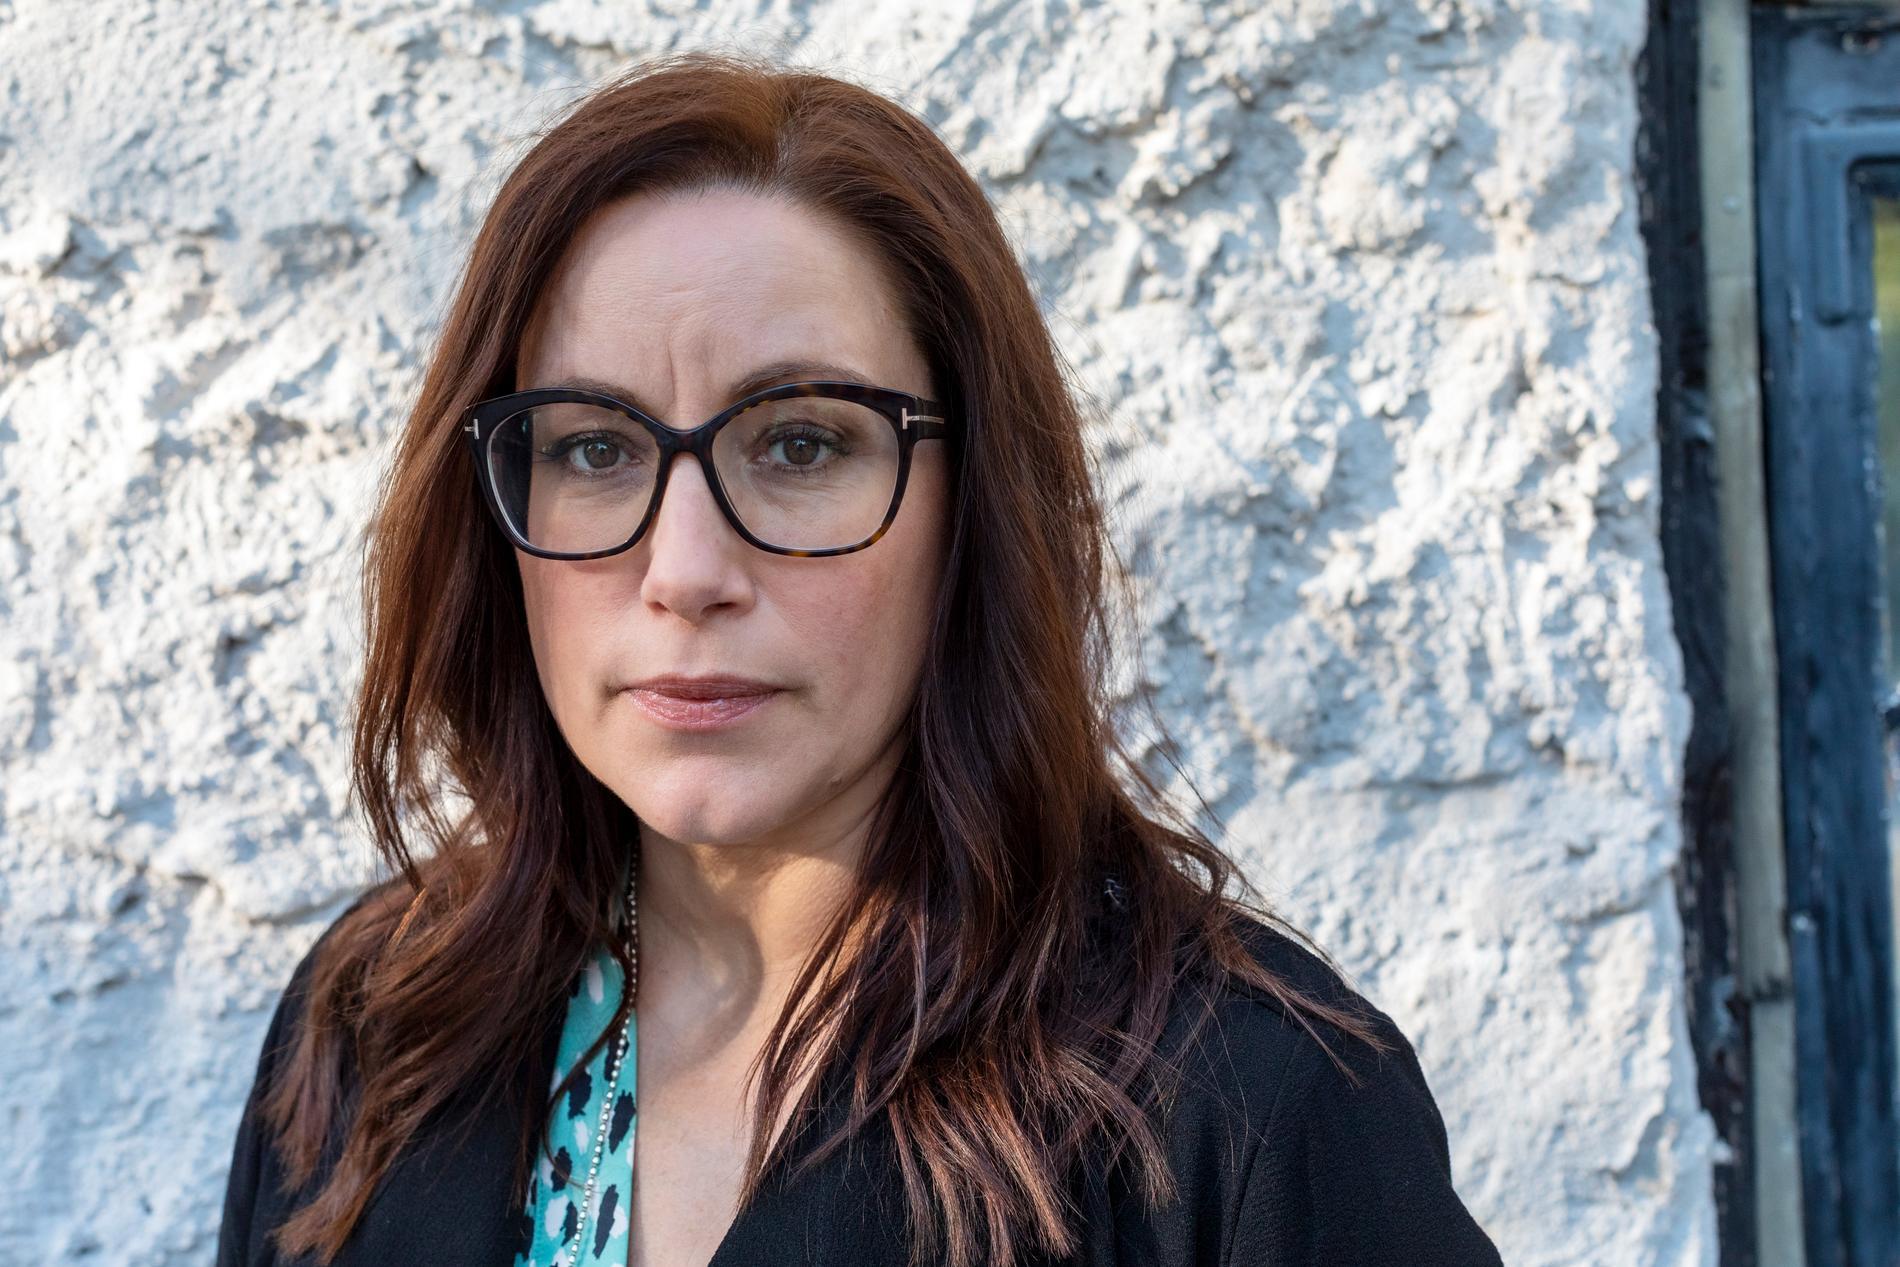 Lisa Nilsson är en av sju konstnärer och artister som tilldelats Stockholms stads kulturpris 2021. Arkivbild.